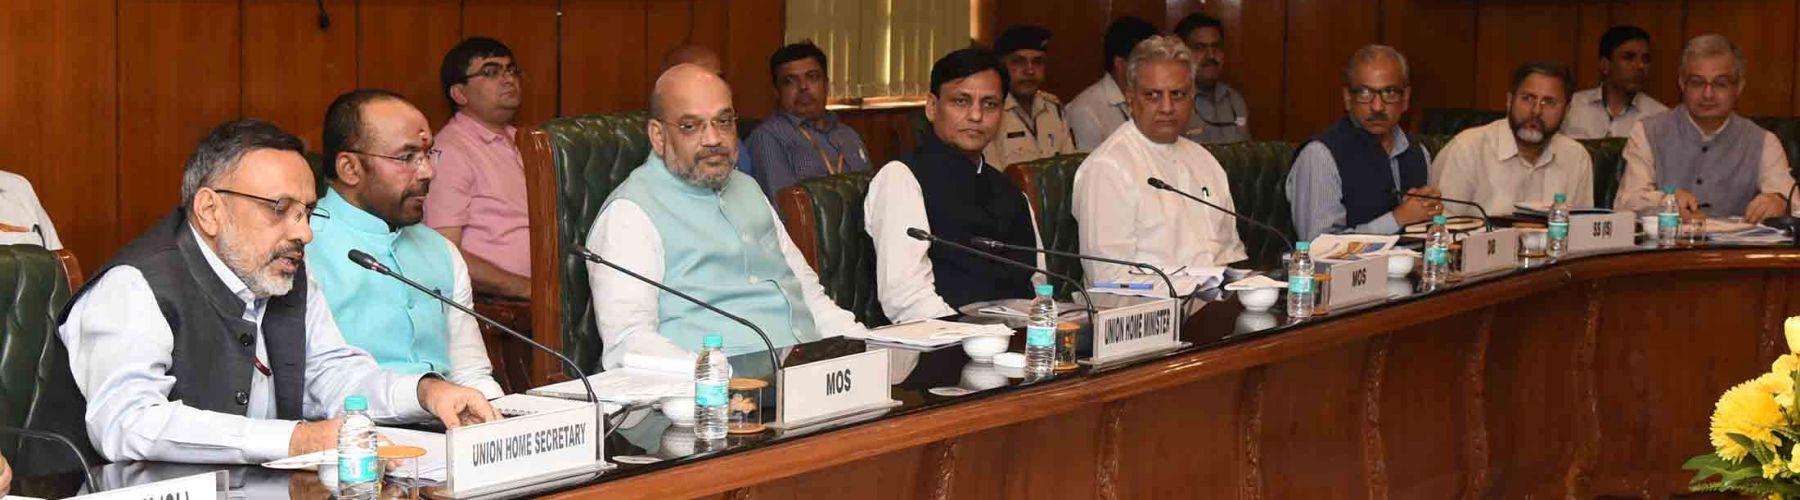 केंद्रीय गृह मंत्री, श्री अमित शाह 1 जून, 2019 को नई दिल्ली में एमएचए के वरिष्ठ अधिकारियों के साथ समीक्षा बैठक की अध्यक्षता करते हुए I